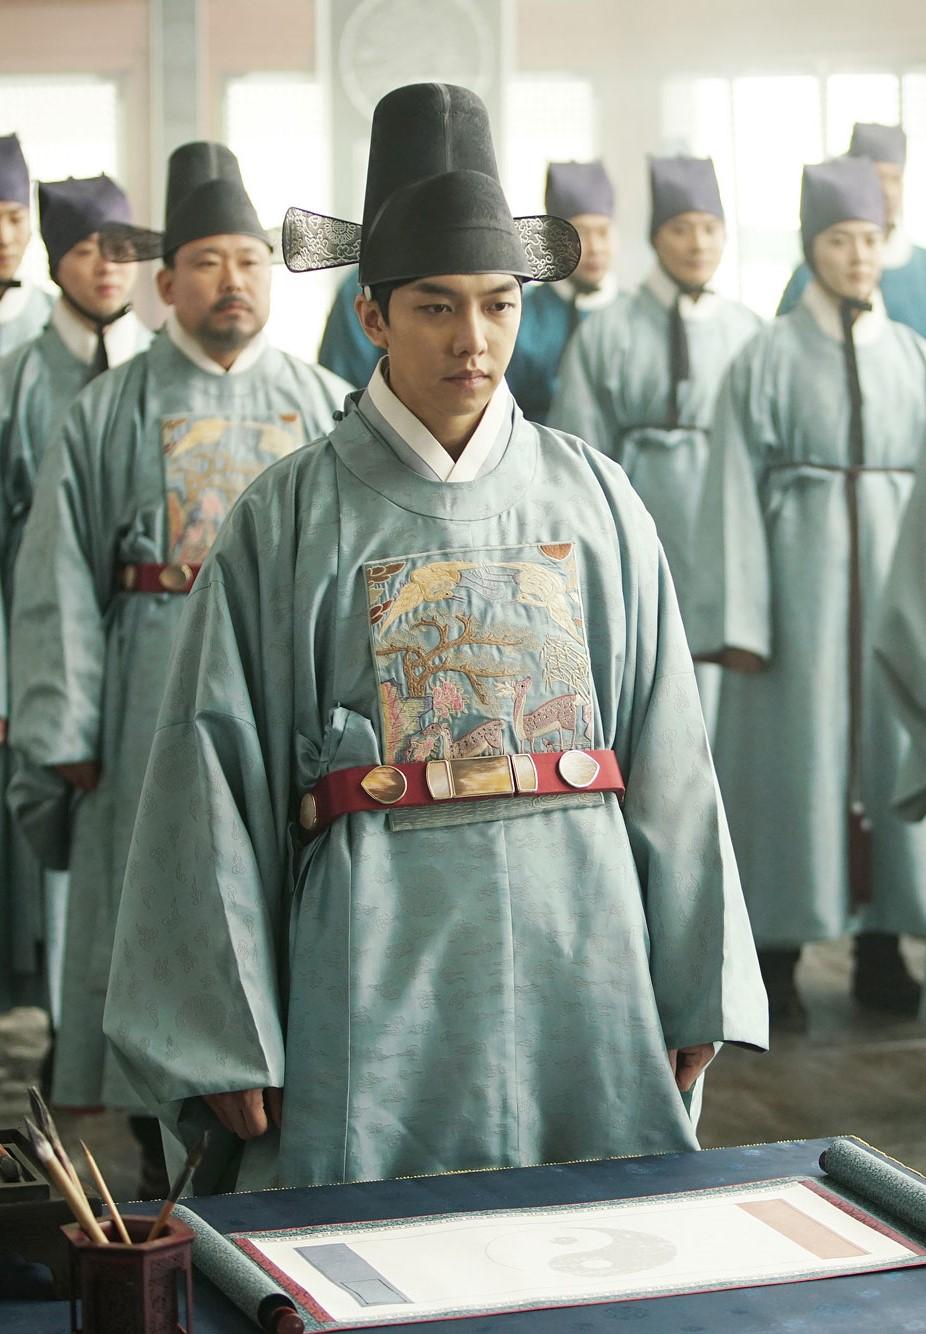 Top 5 Handsome Actors in Historical Costume